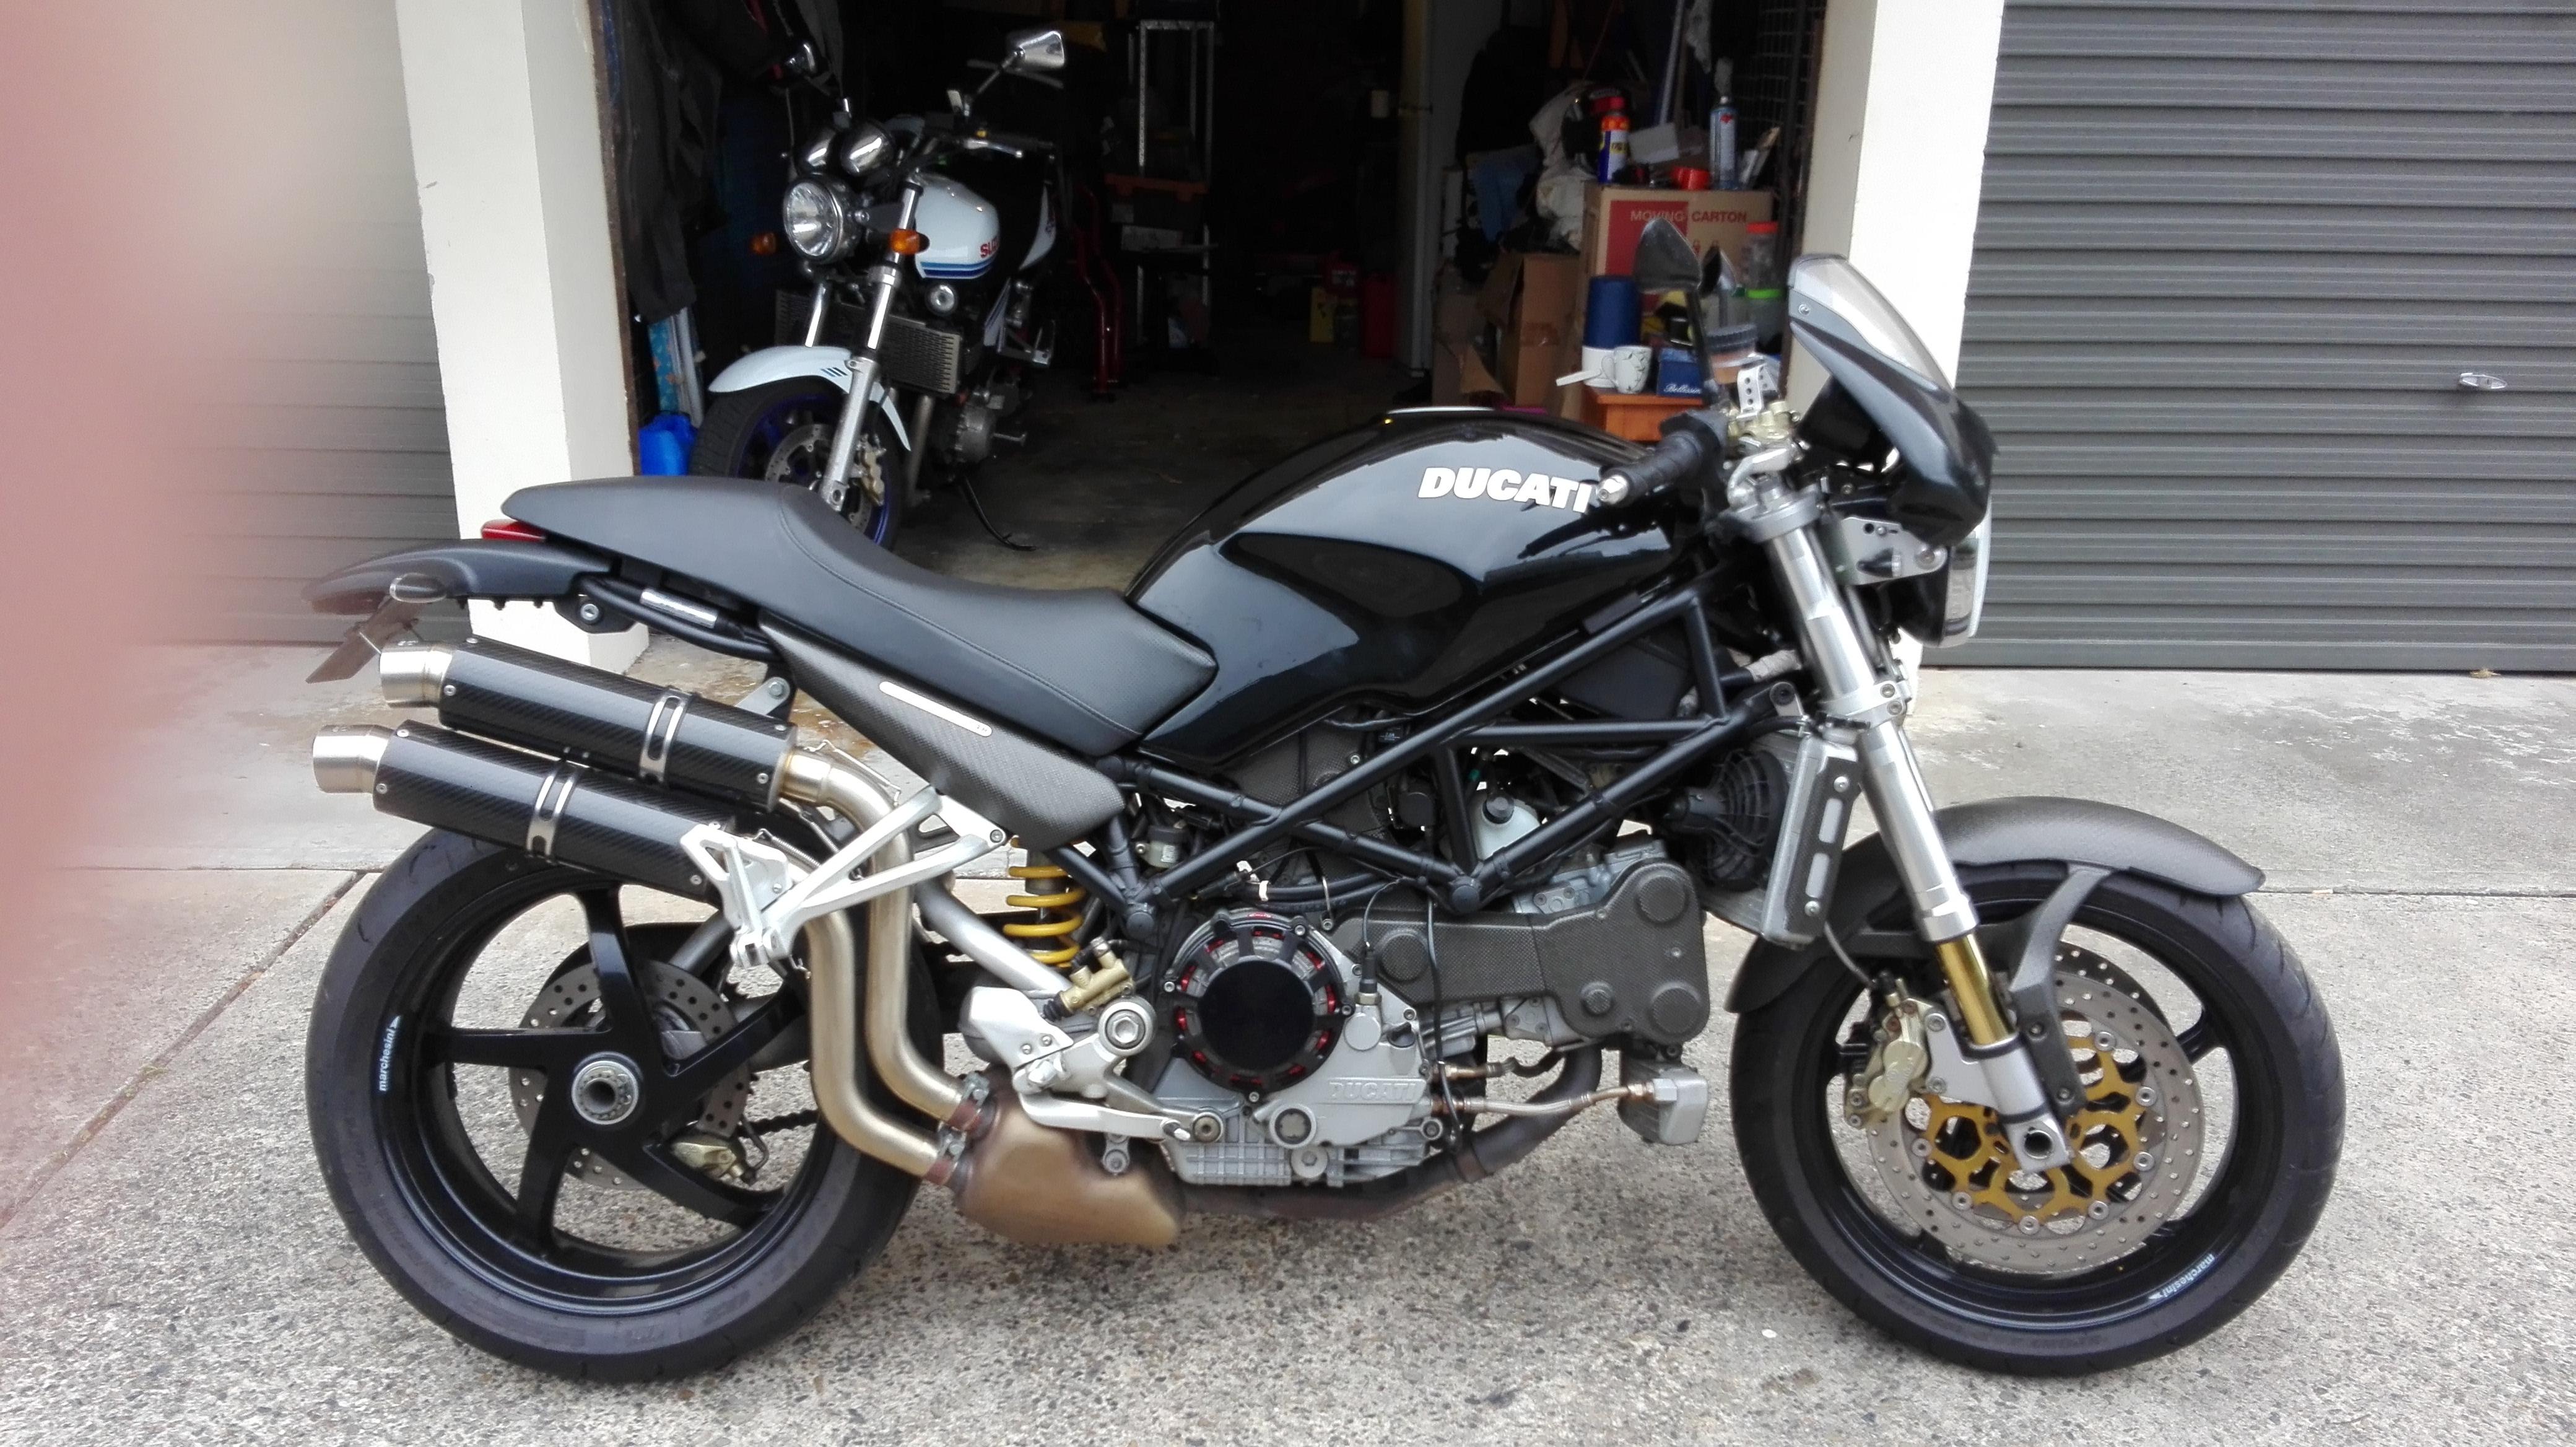 2003 Ducati Monster S4R Monster S4R (2003 - 07)